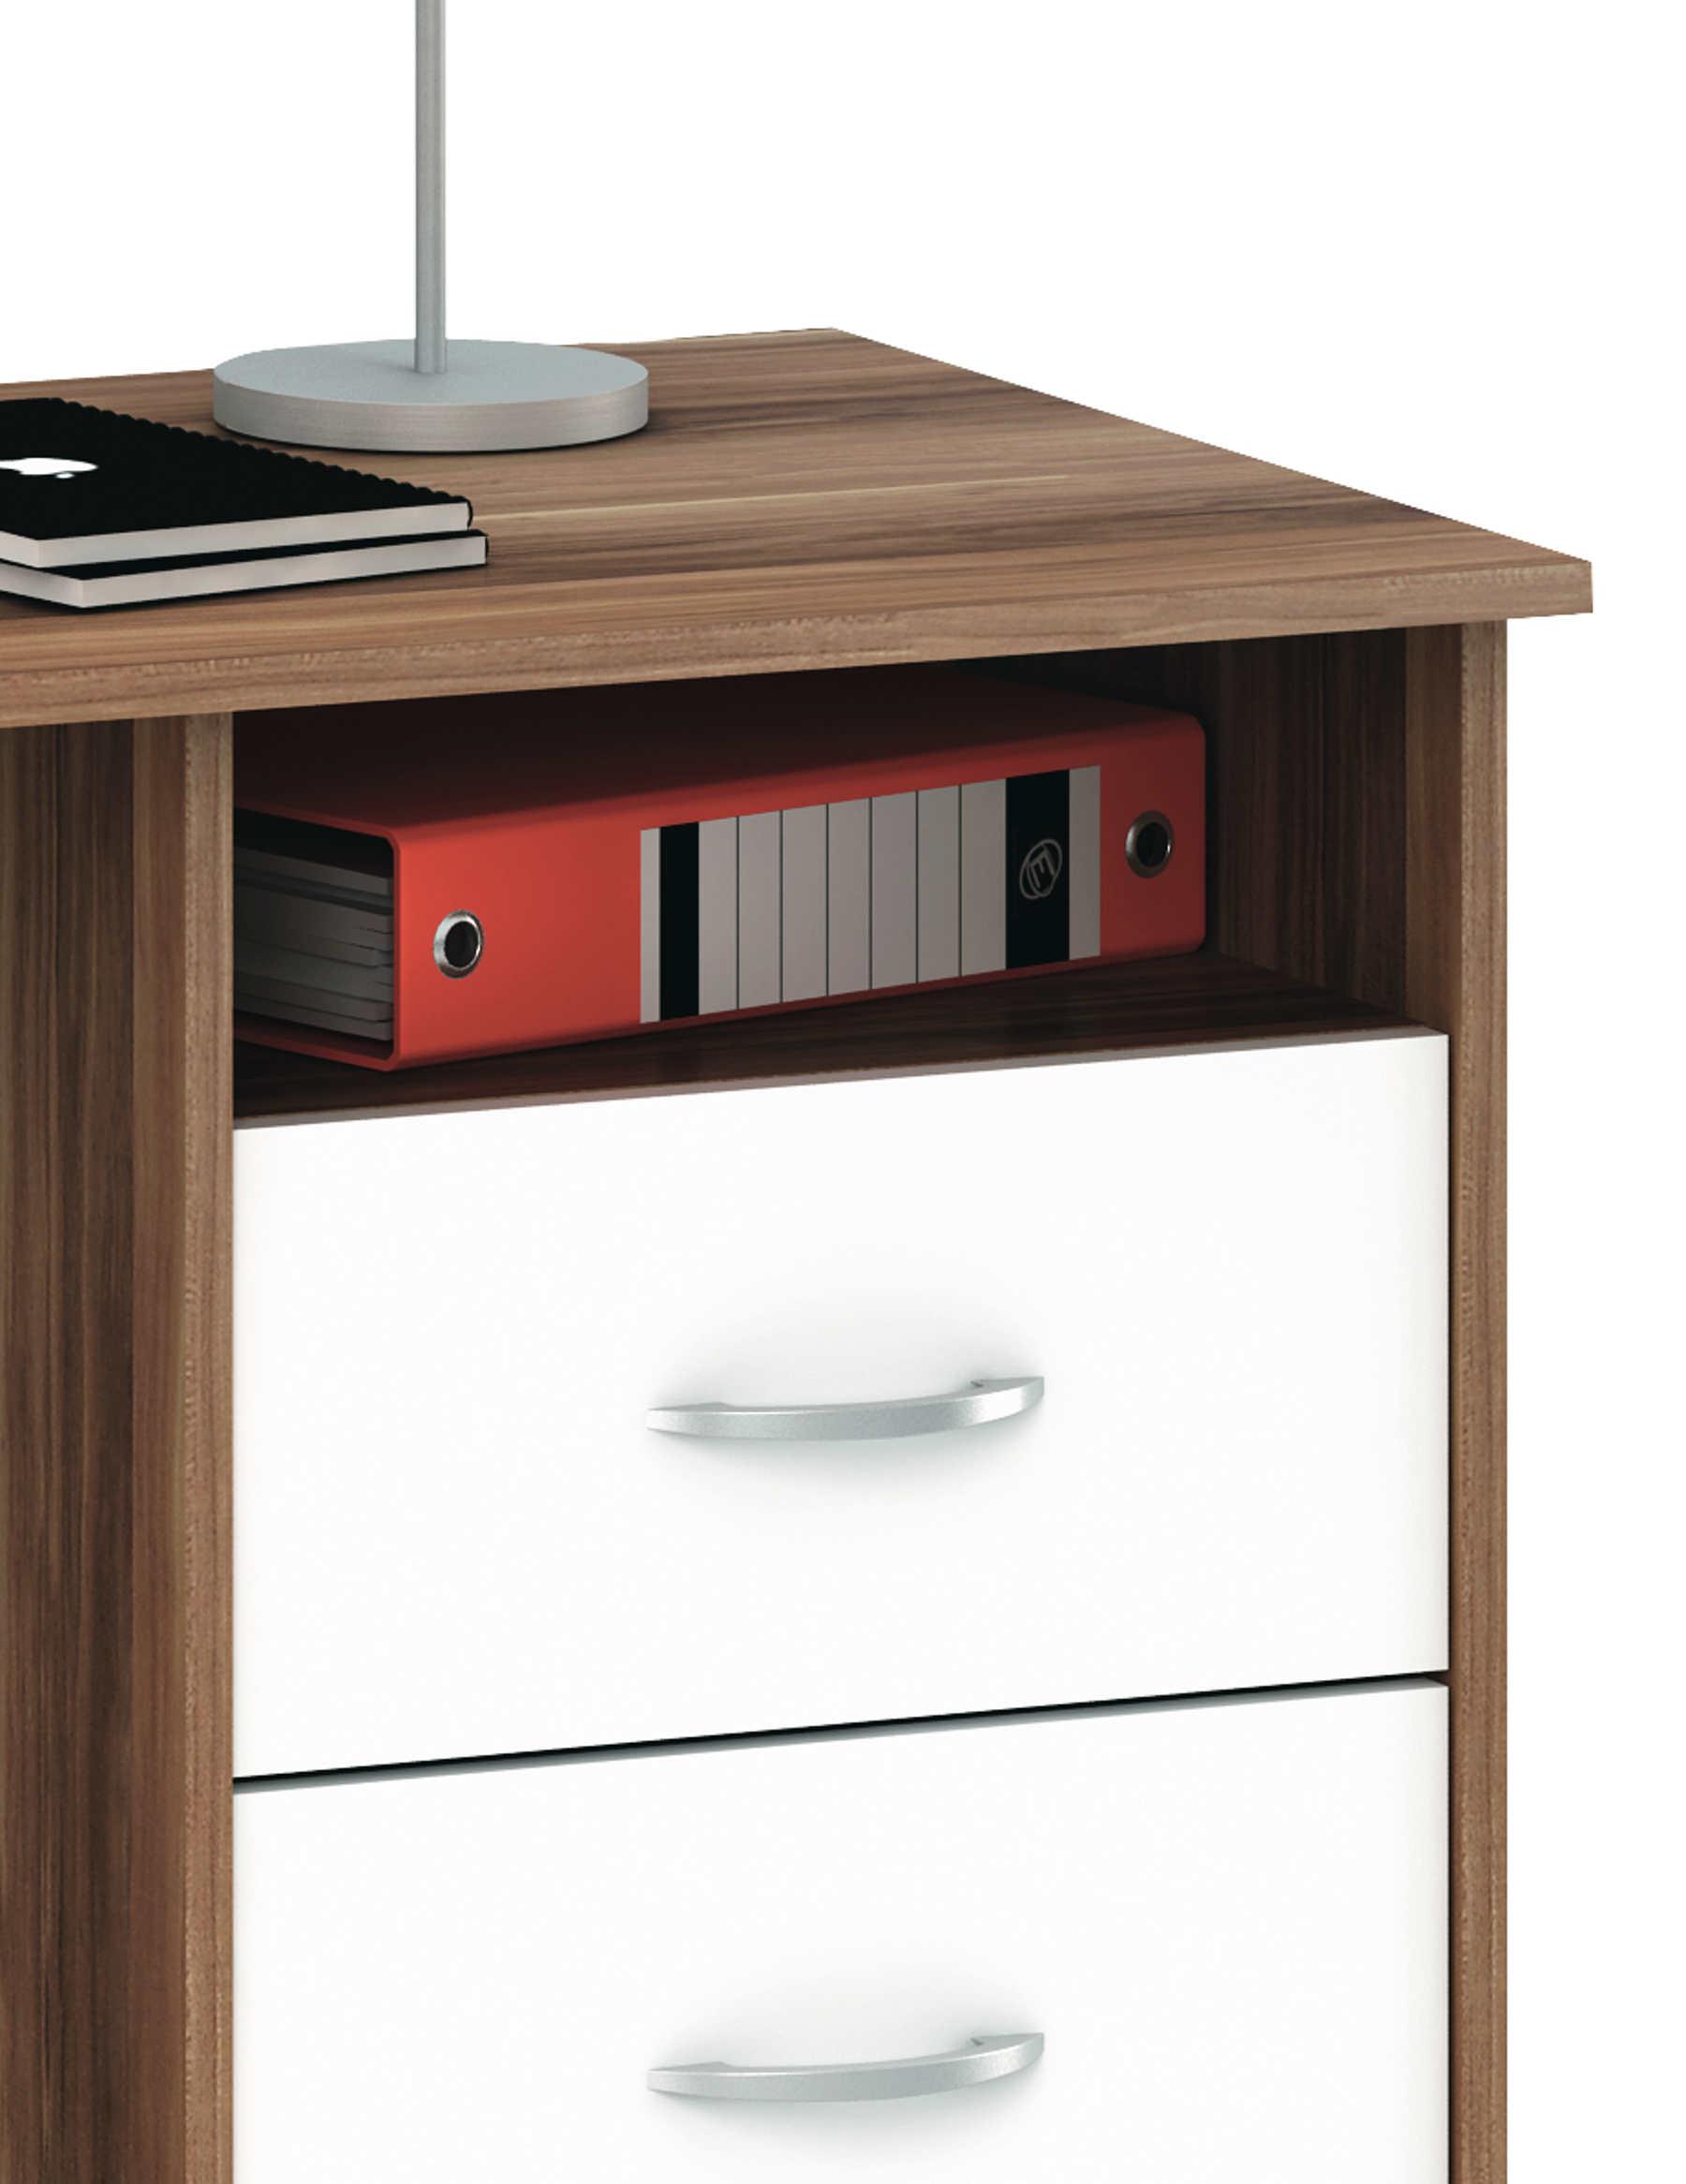 schreibtisch aristote merano nussbaum wei mit drei. Black Bedroom Furniture Sets. Home Design Ideas